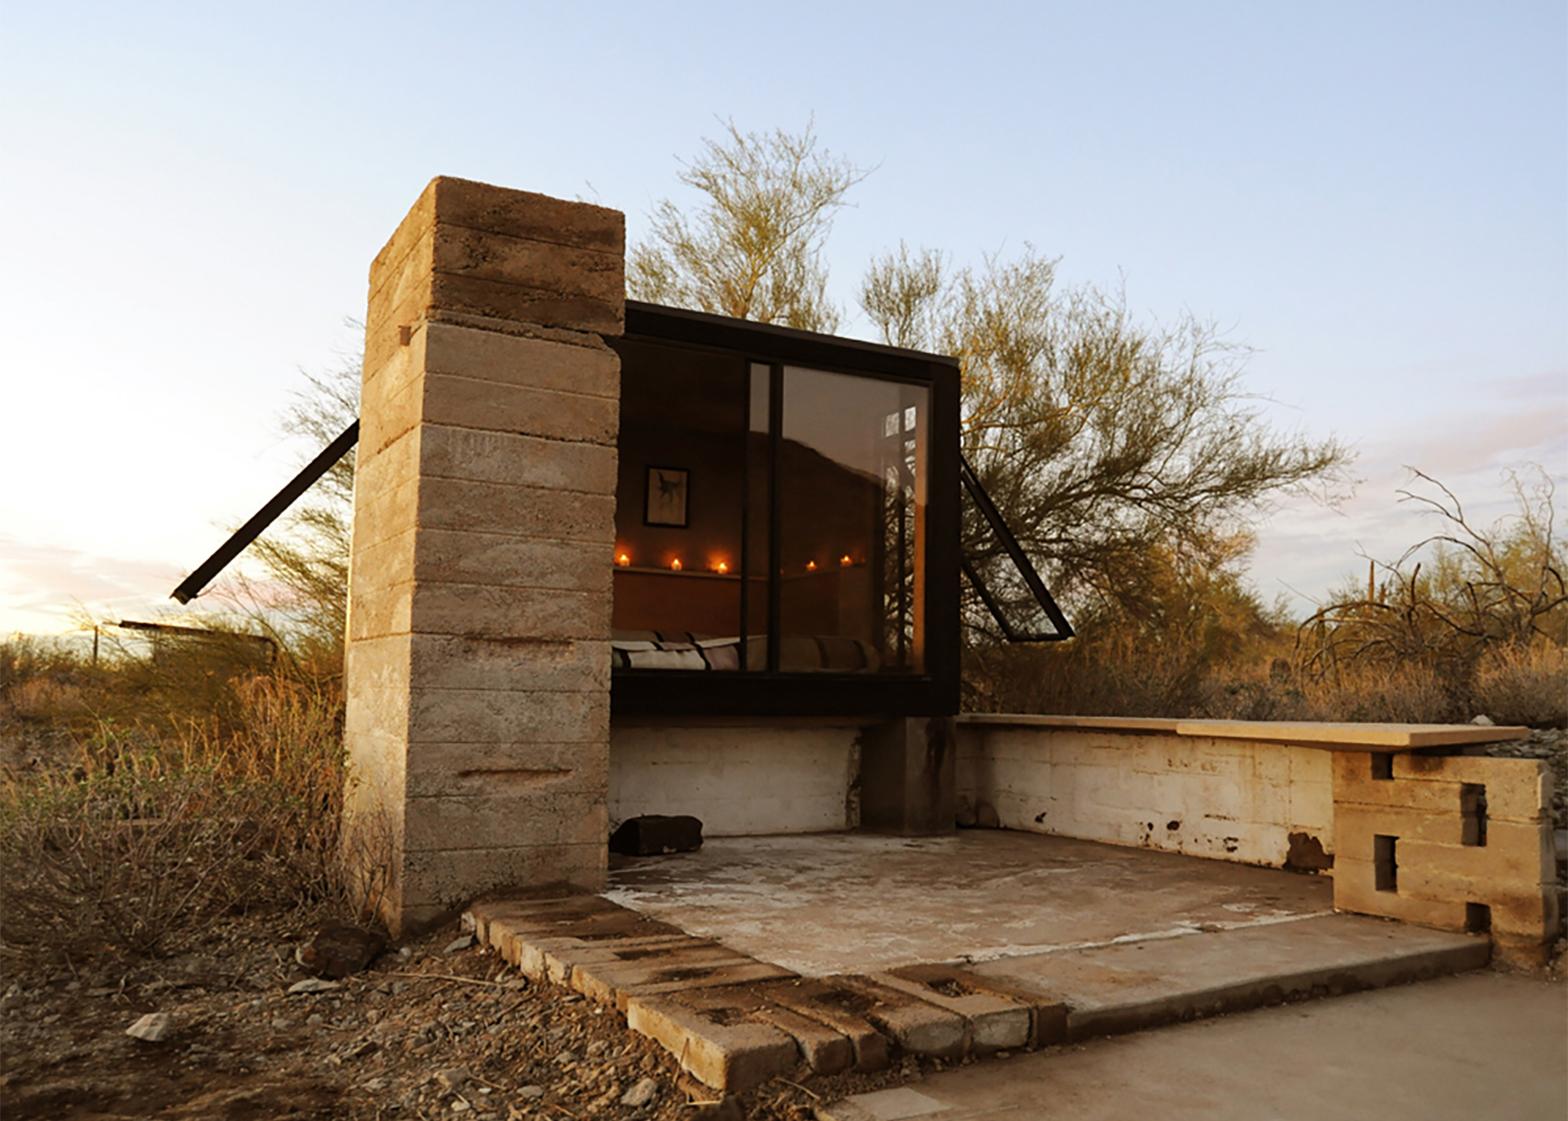 Desert Hideaway by David Frazee